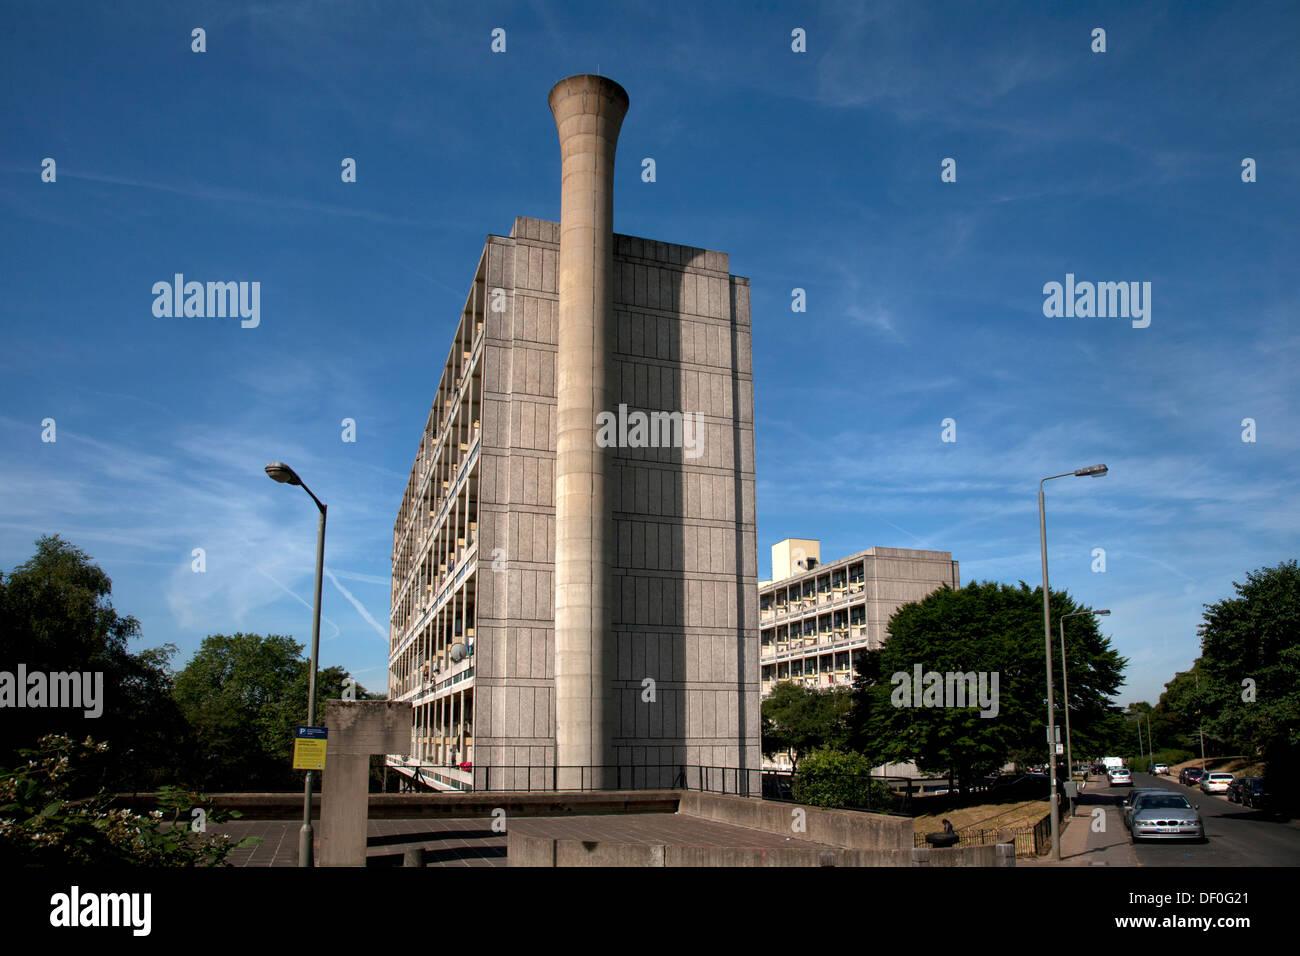 Highcliffe Alton West Alton Estate Roehampton London England - Stock Image